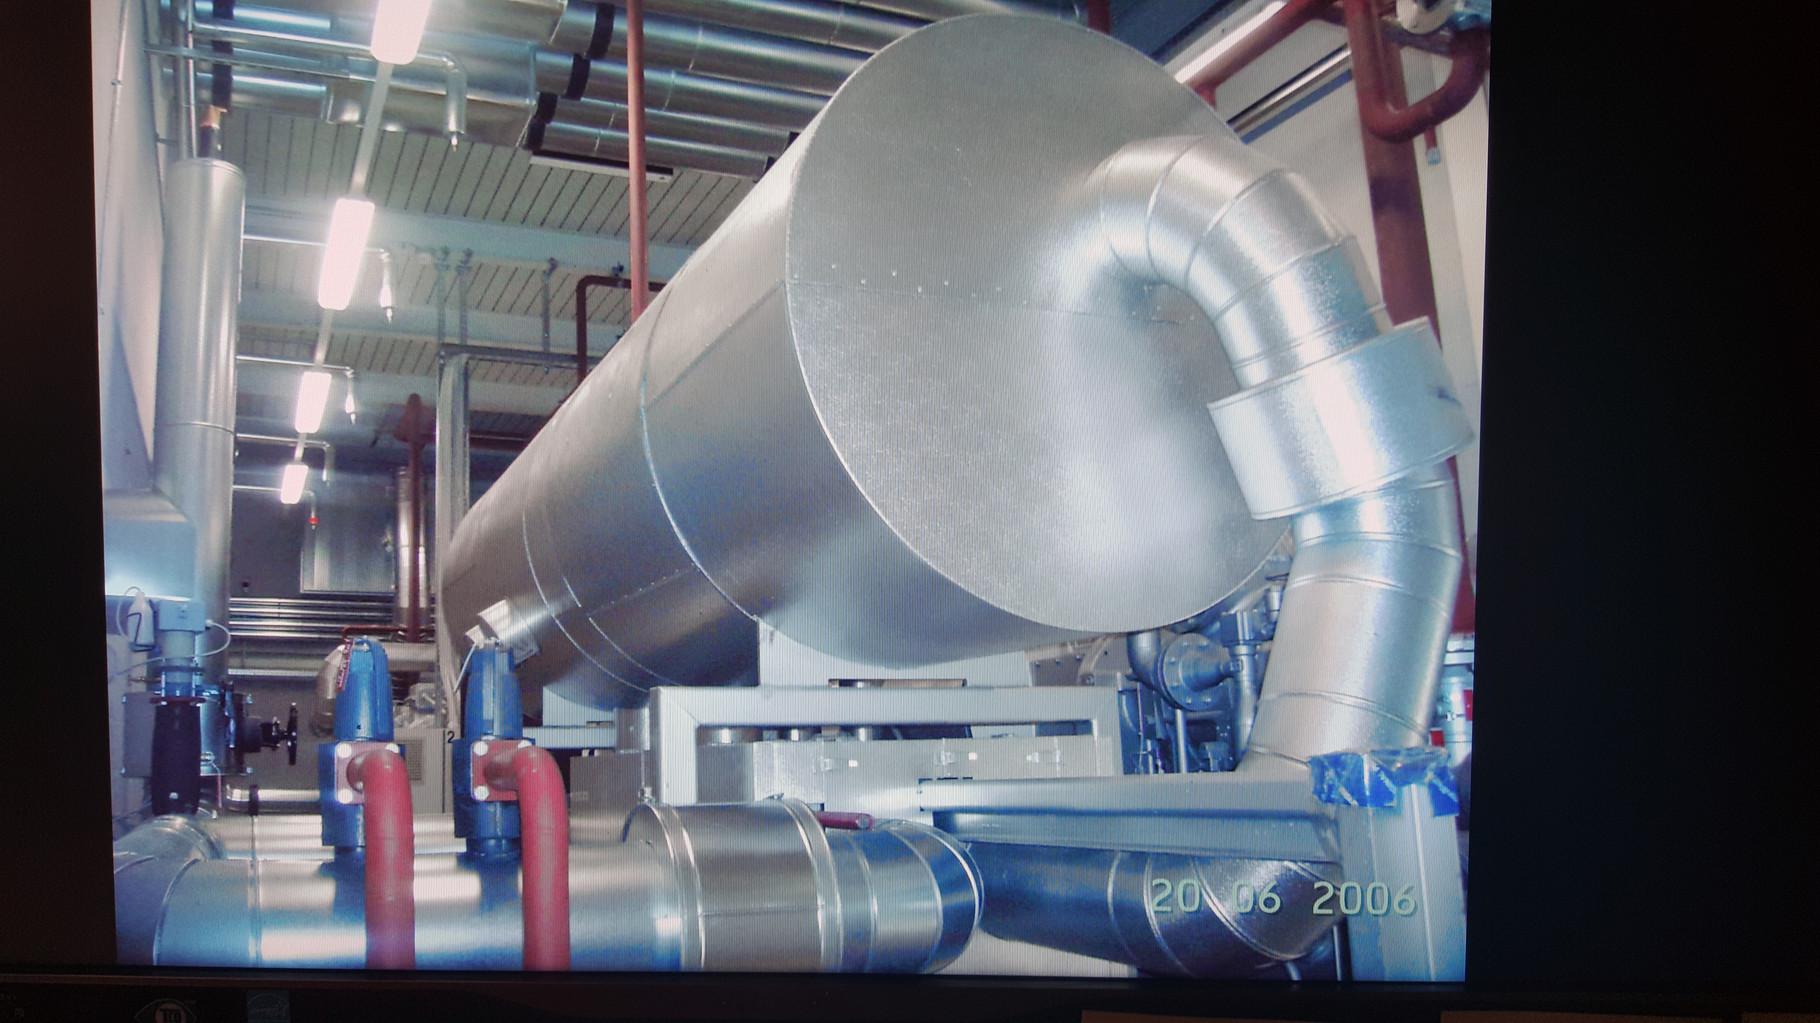 Liegender Heisswasserbehälter isoliert gegen Oberflächenhitze und Verbrennungsgefahr